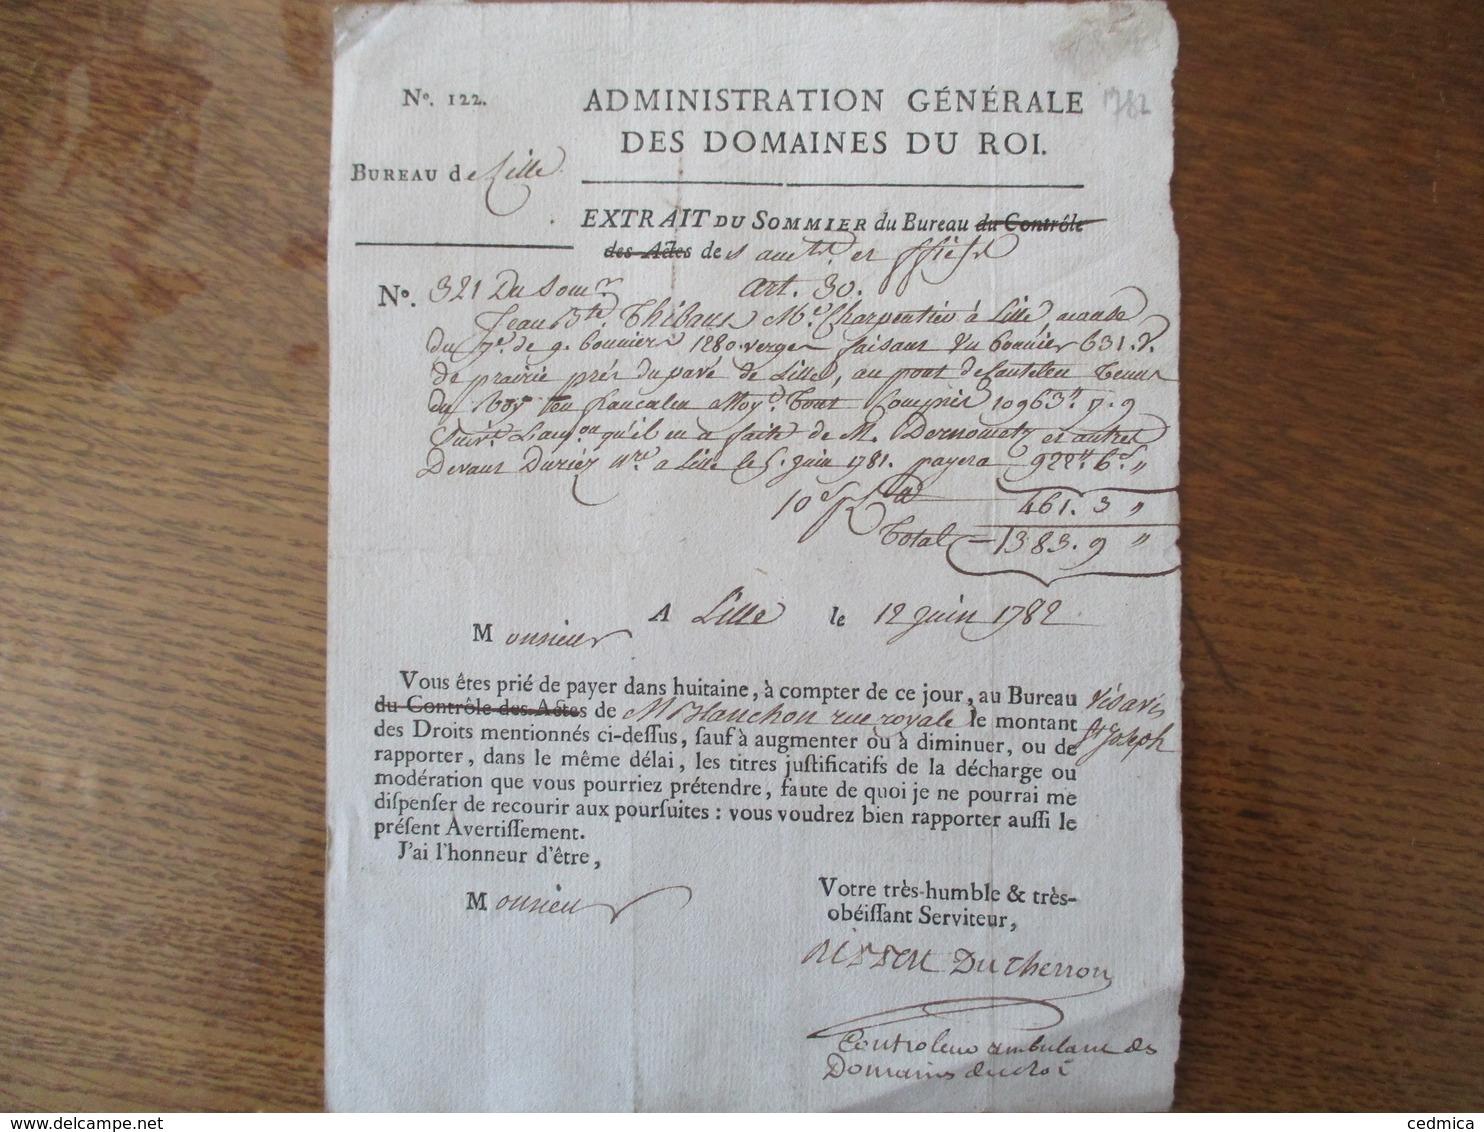 LILLE LE 12 JUIN 1782 ADMINISTRATION GENERALE DES DOMAINES DU ROI  LE CONTROLEUR AMBULANT DES DOMAINES DU ROI DUCHERRON - Documentos Históricos